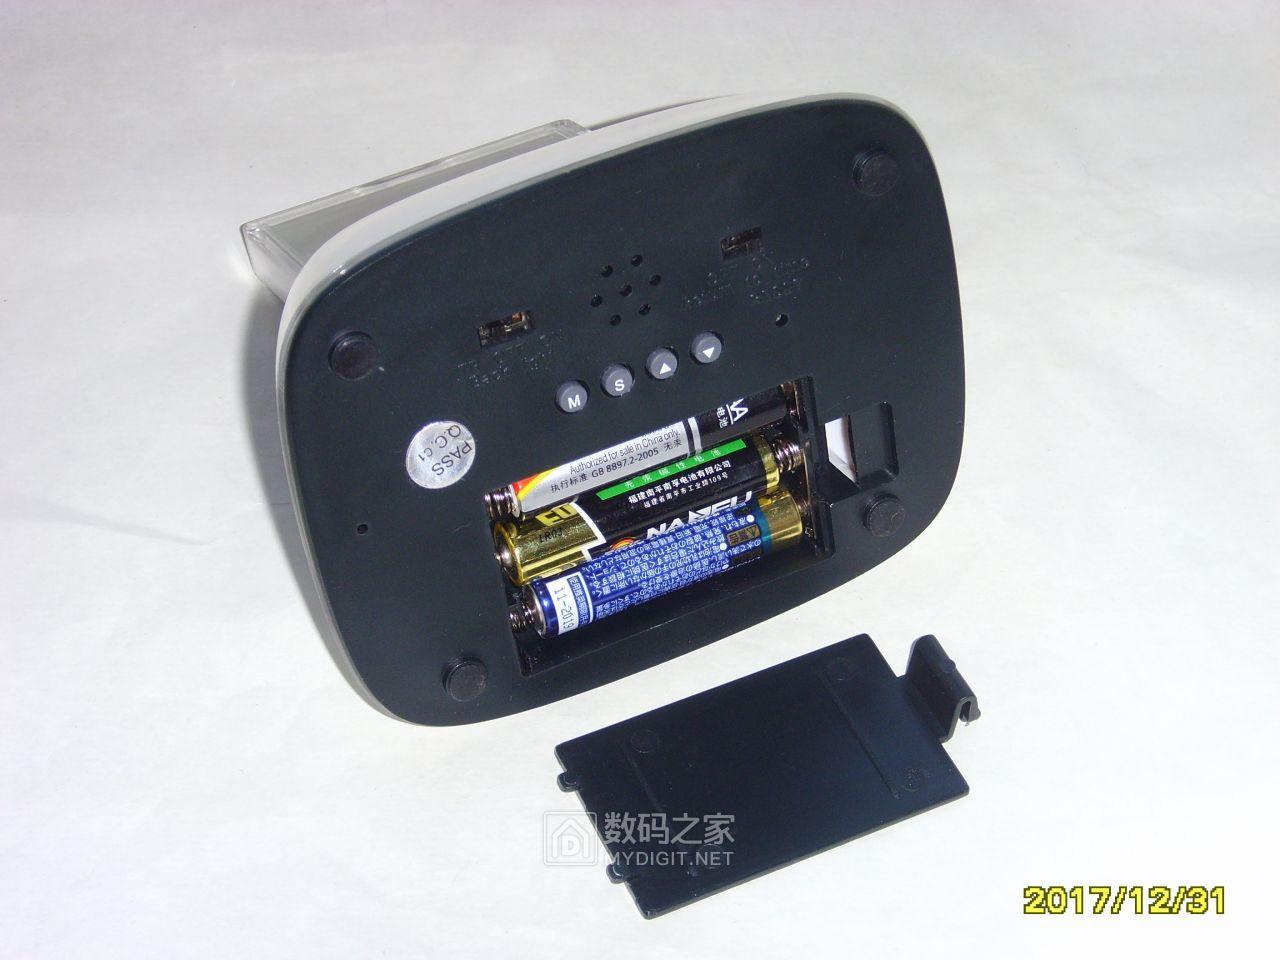 时钟底部。三节7号电池,3V端供时钟部分,4.5V端供LED背光和蜂鸣器。